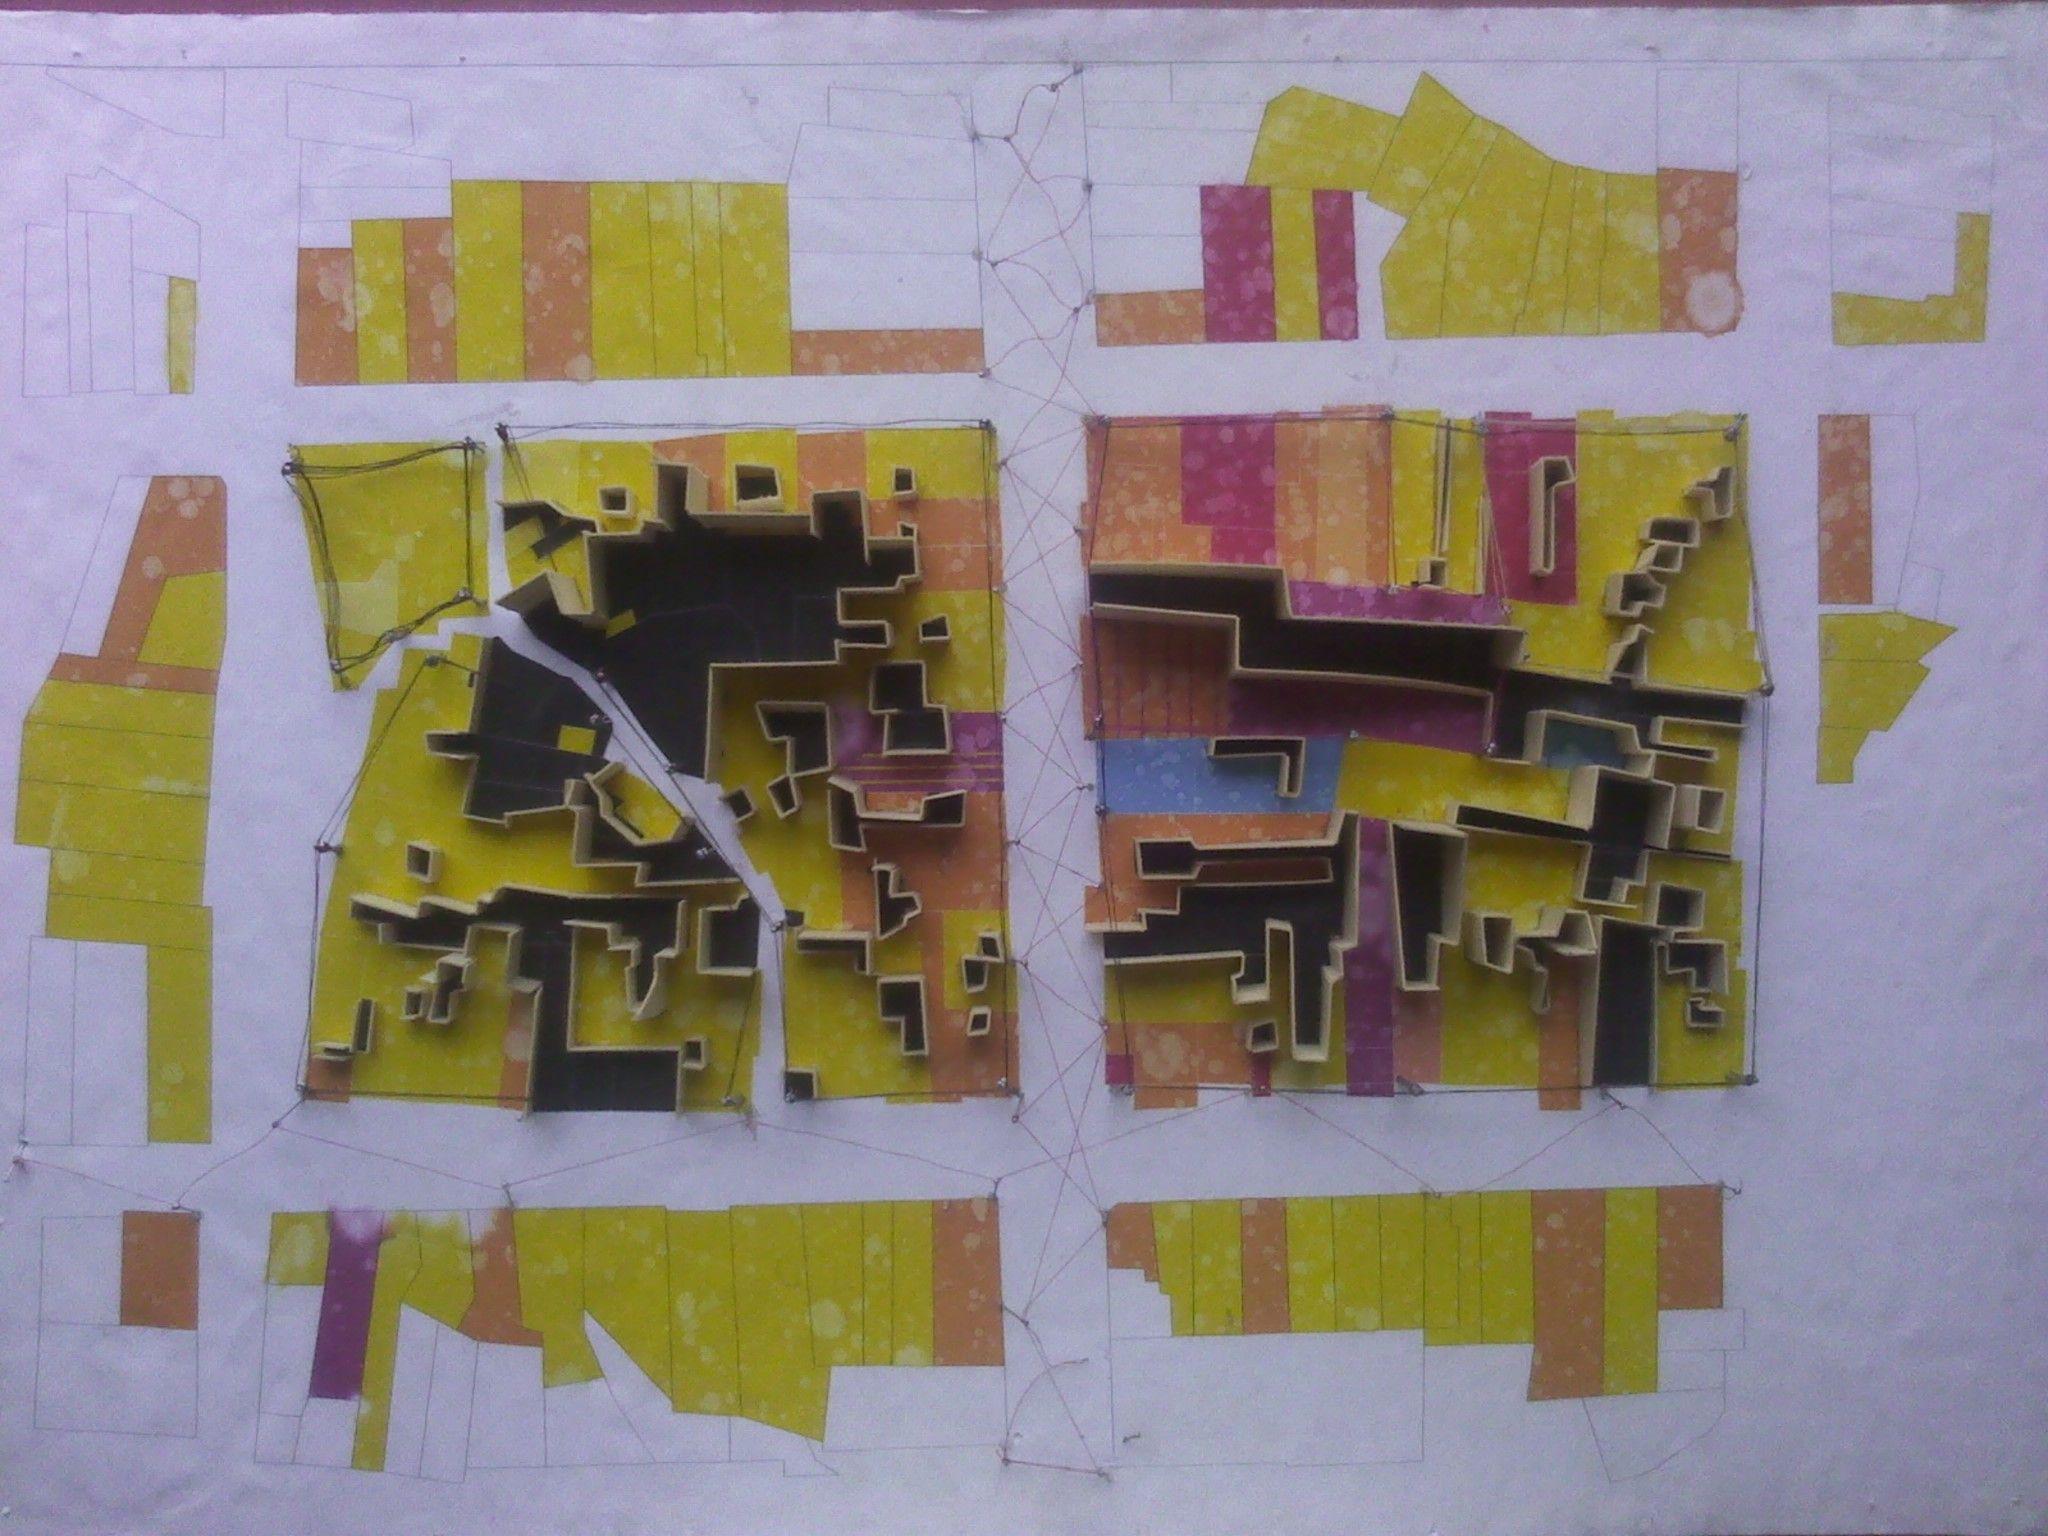 Exploración conceptual sobre las dinámicas urbanas, UFPS #Concept #Model